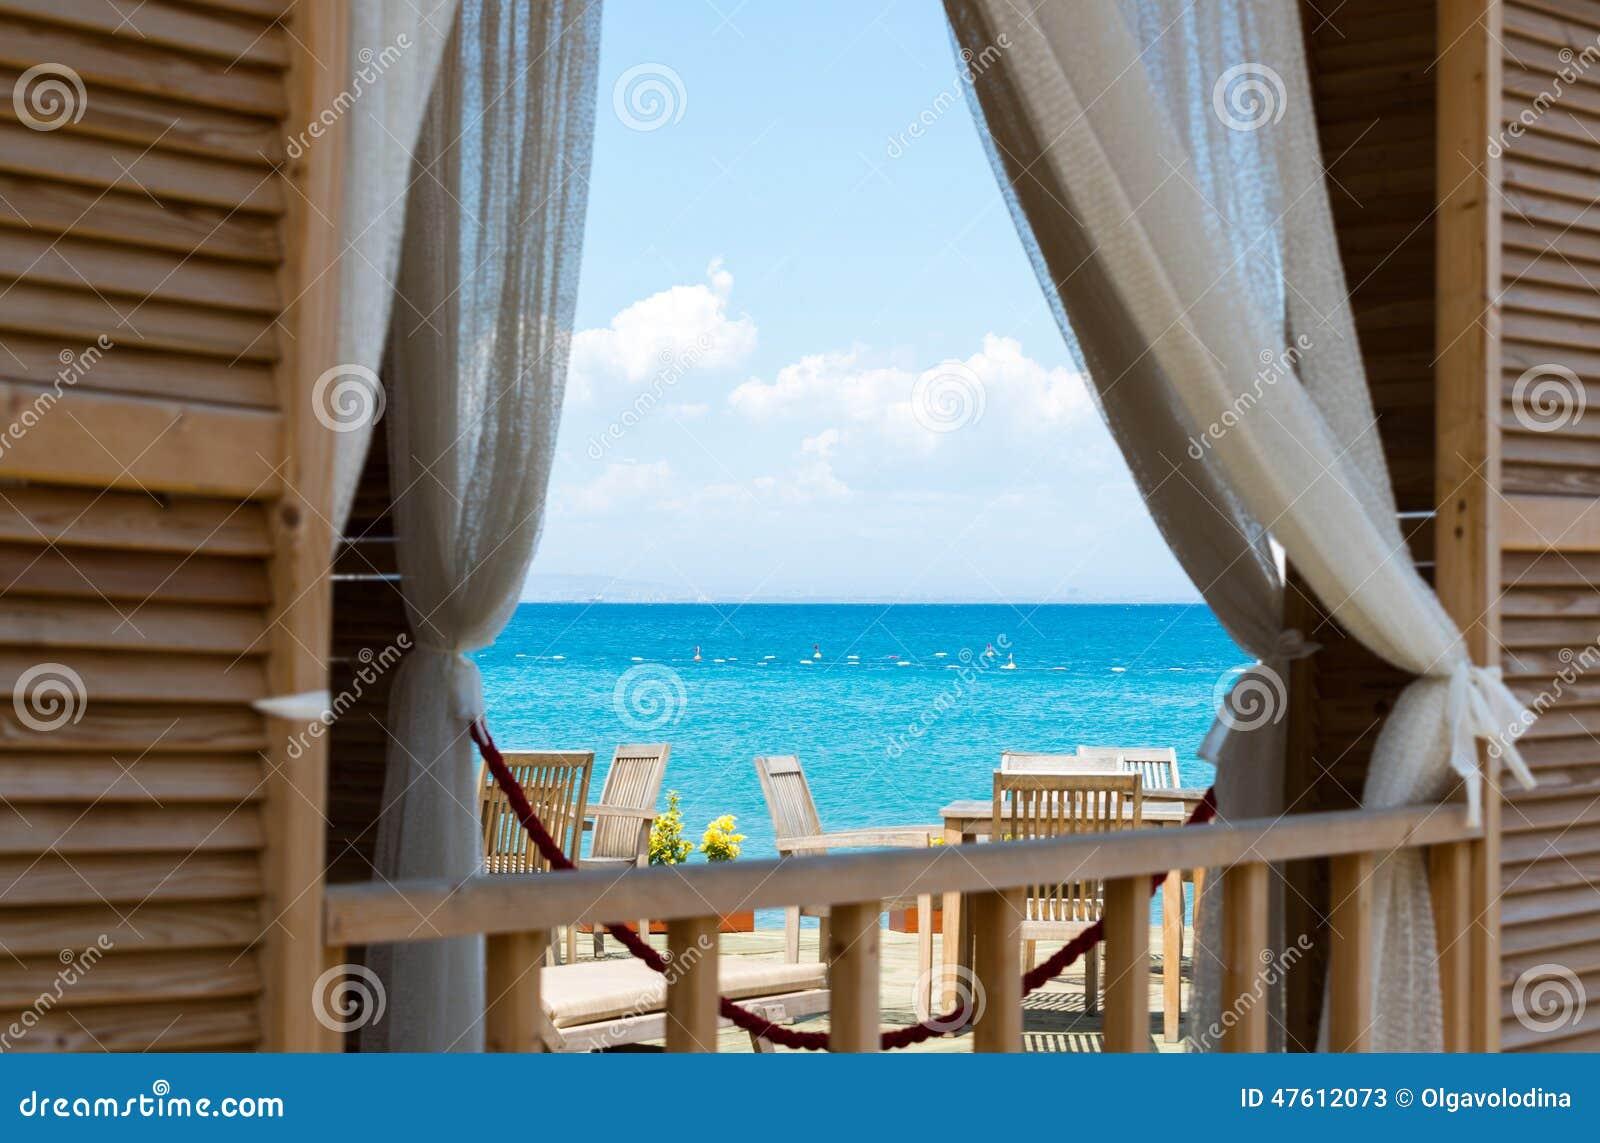 Osservi il mare dalla finestra della camera fotografia - Spiate dalla finestra ...